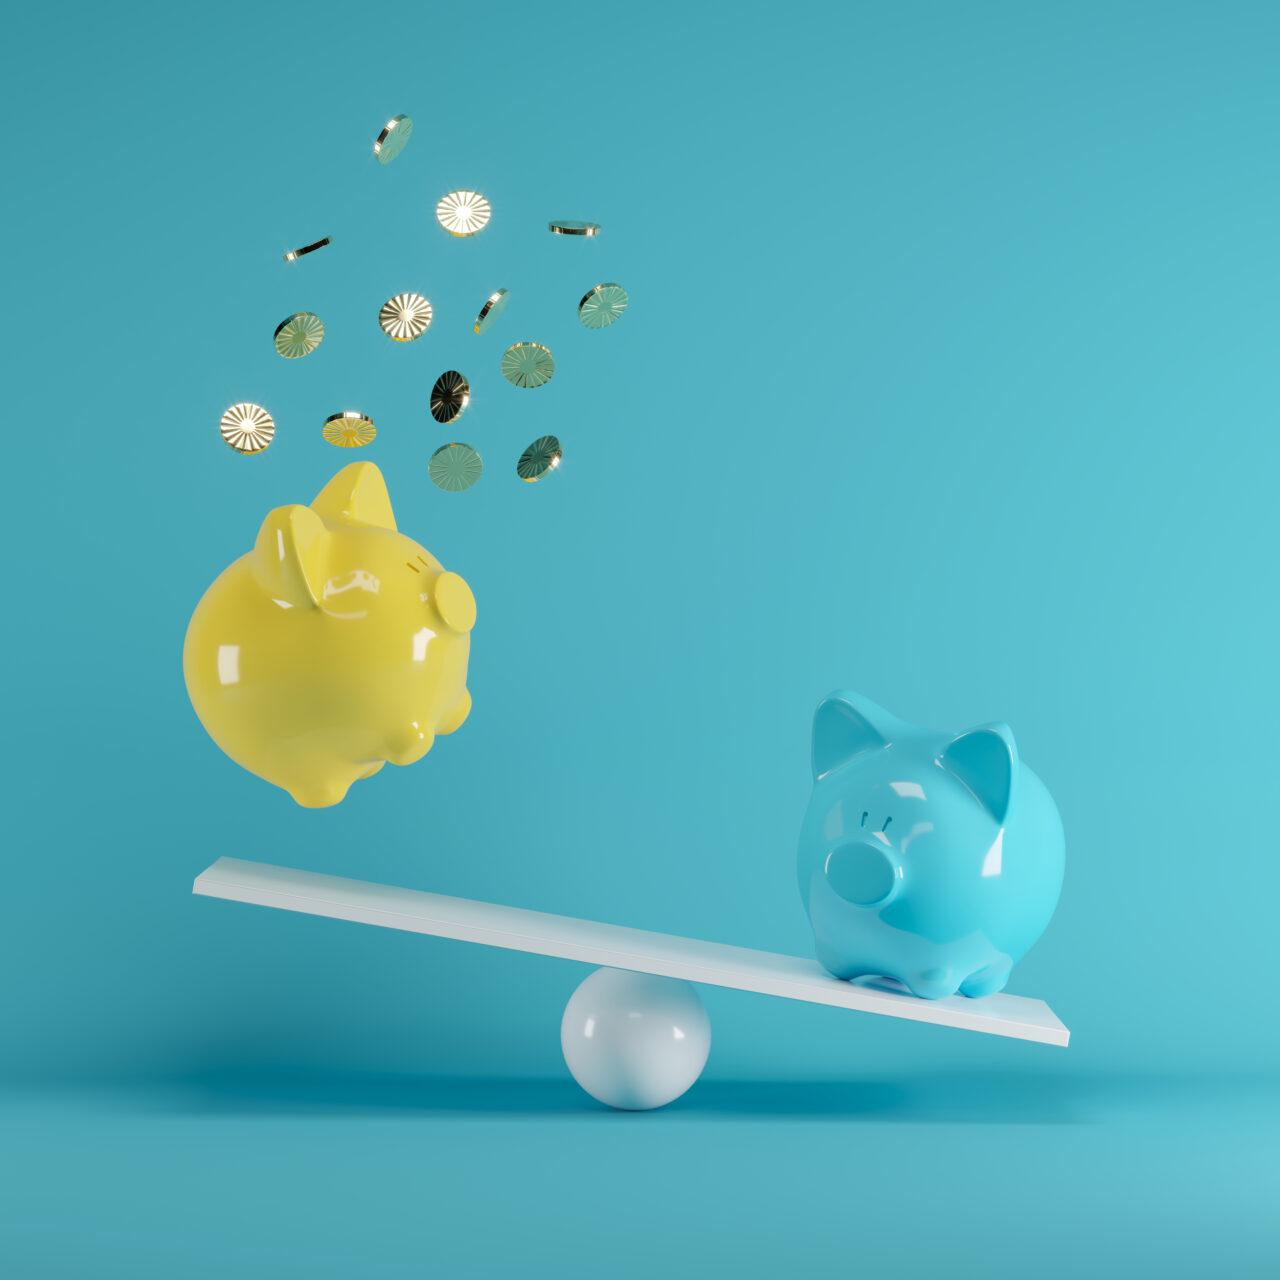 思わずお金を貯めたくなる可愛い貯金箱!貯金方法を学んで金欠ガールは卒業です